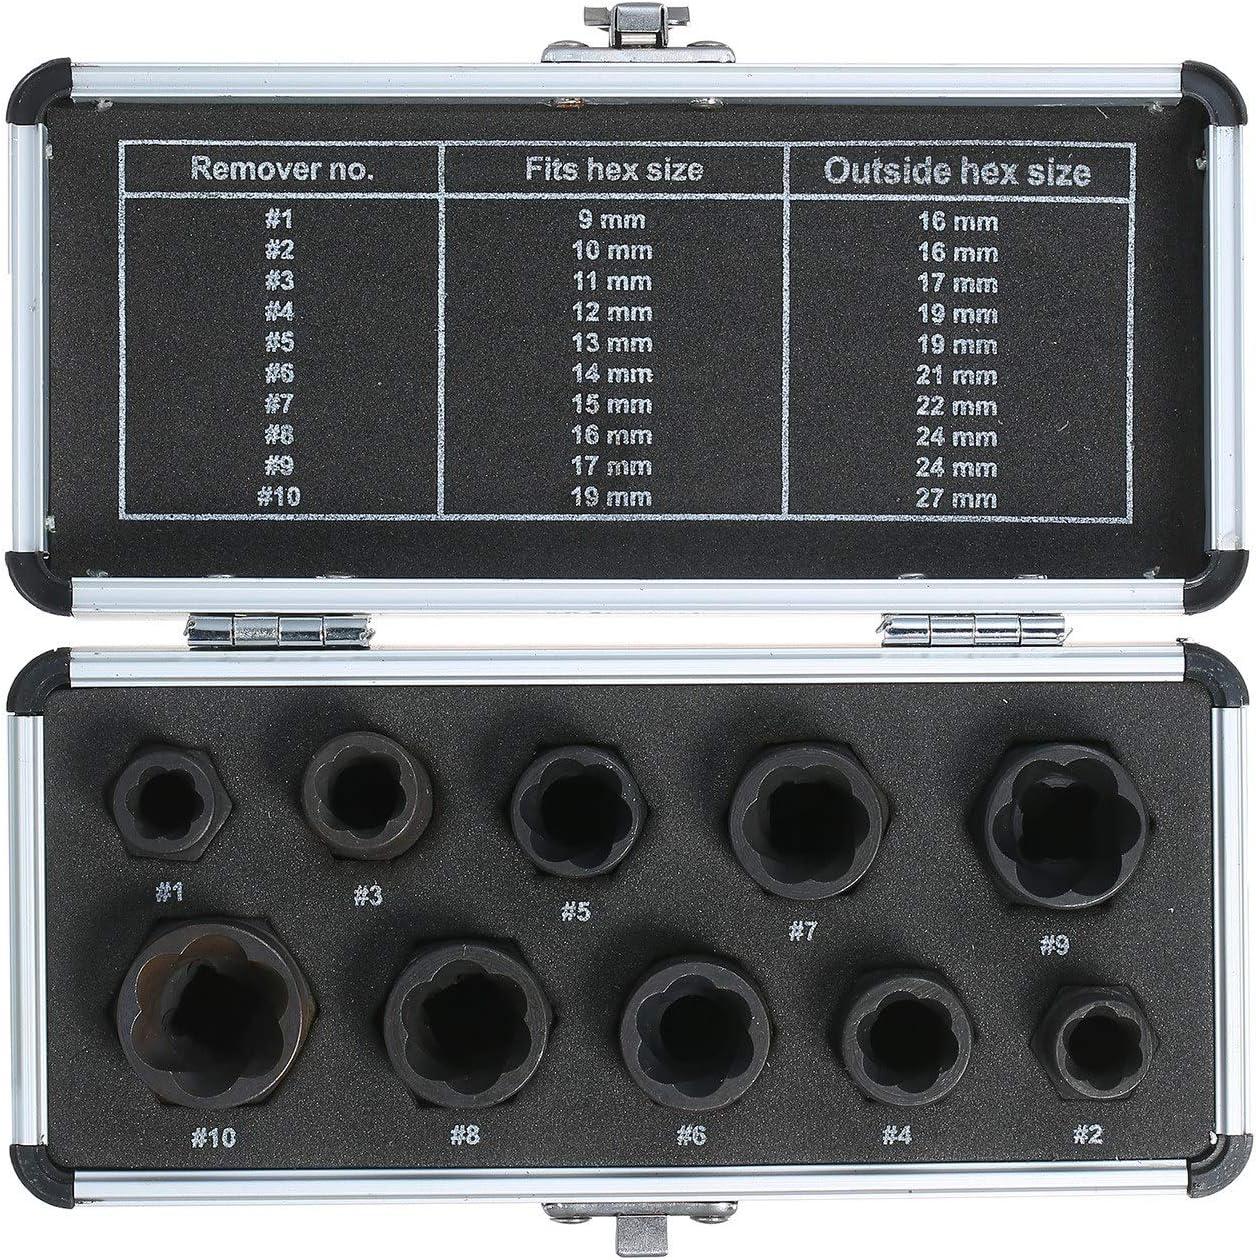 TEVISE 10pcs Alta Tornillo Extractor de núcleo 9-19mm de Bloqueo de la Rueda Central Remover Juego de Extractores Mango Llave Kit de Herramientas